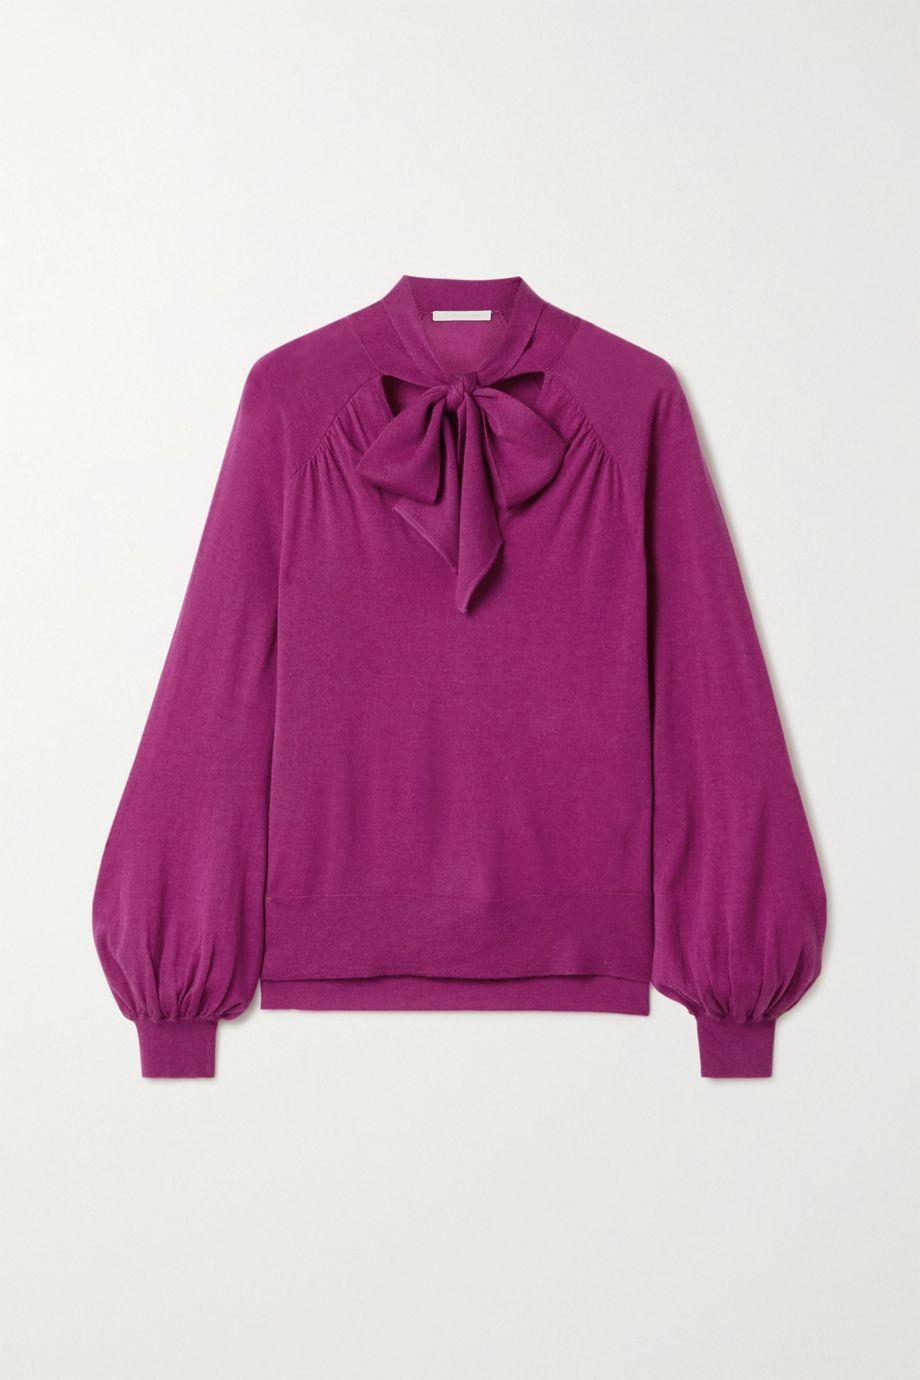 Jonathan Simkhai Pussy-bow cashmere sweater